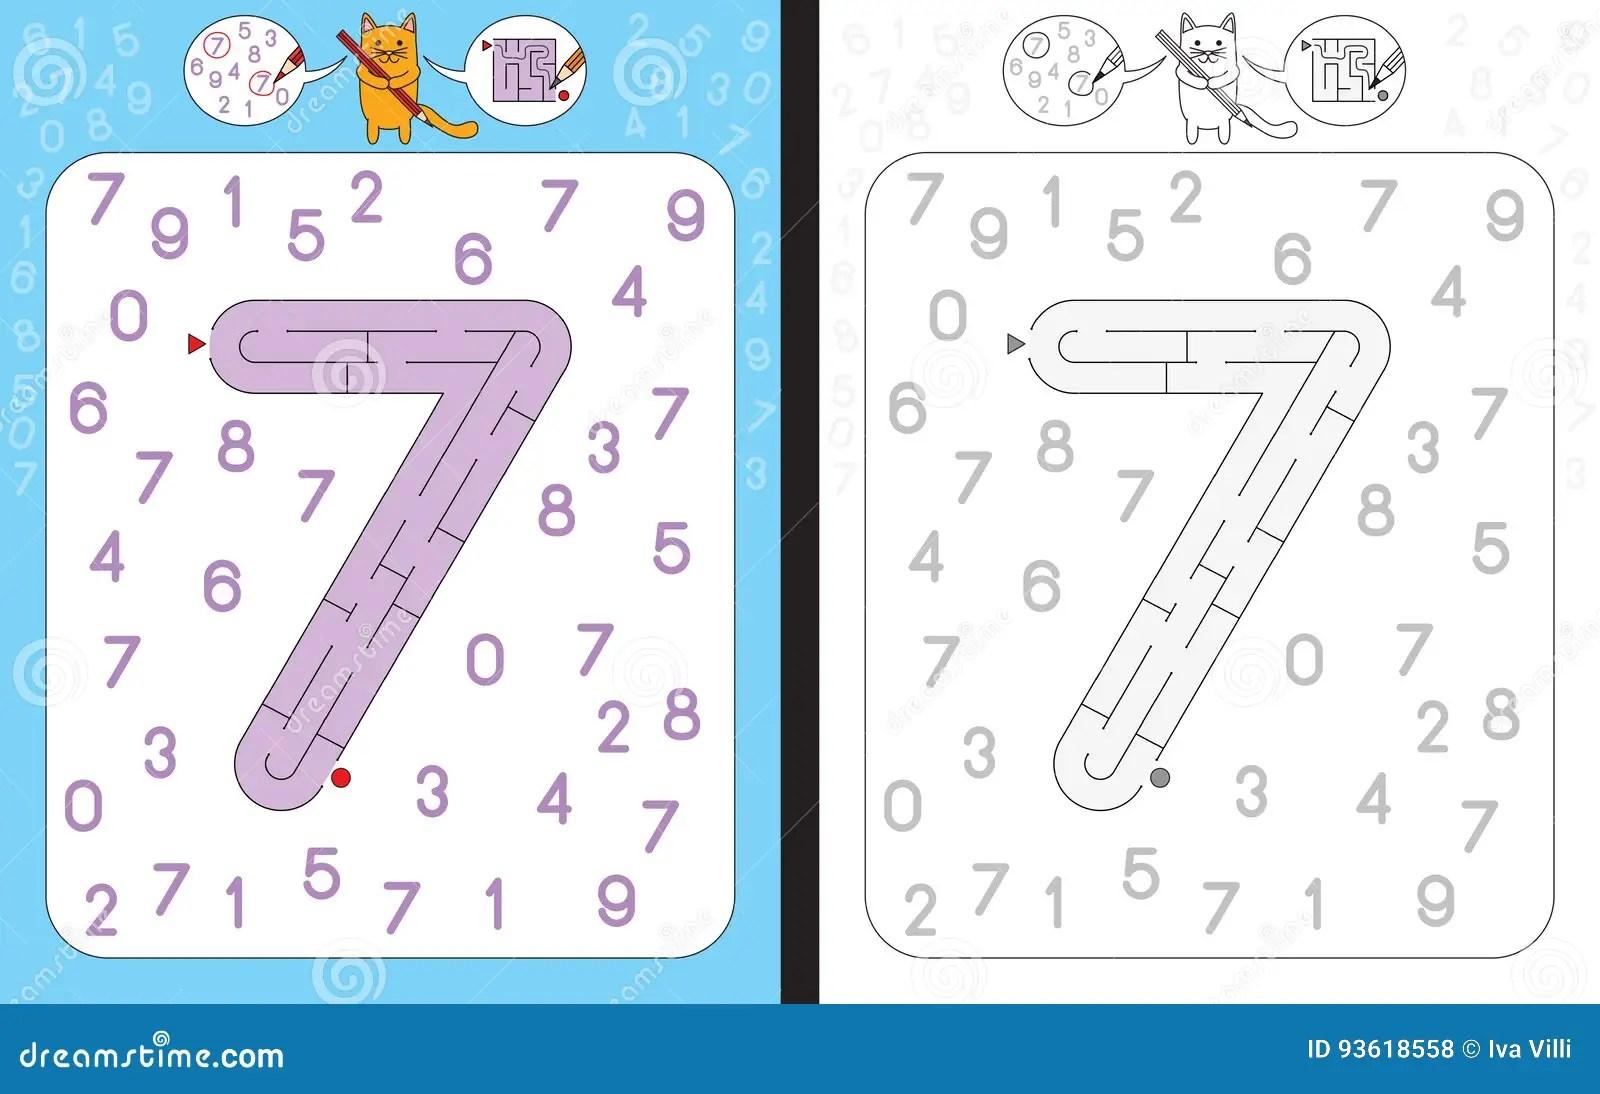 Laberinto Numero 7 Ilustracion Del Vector Ilustracion De Escritura